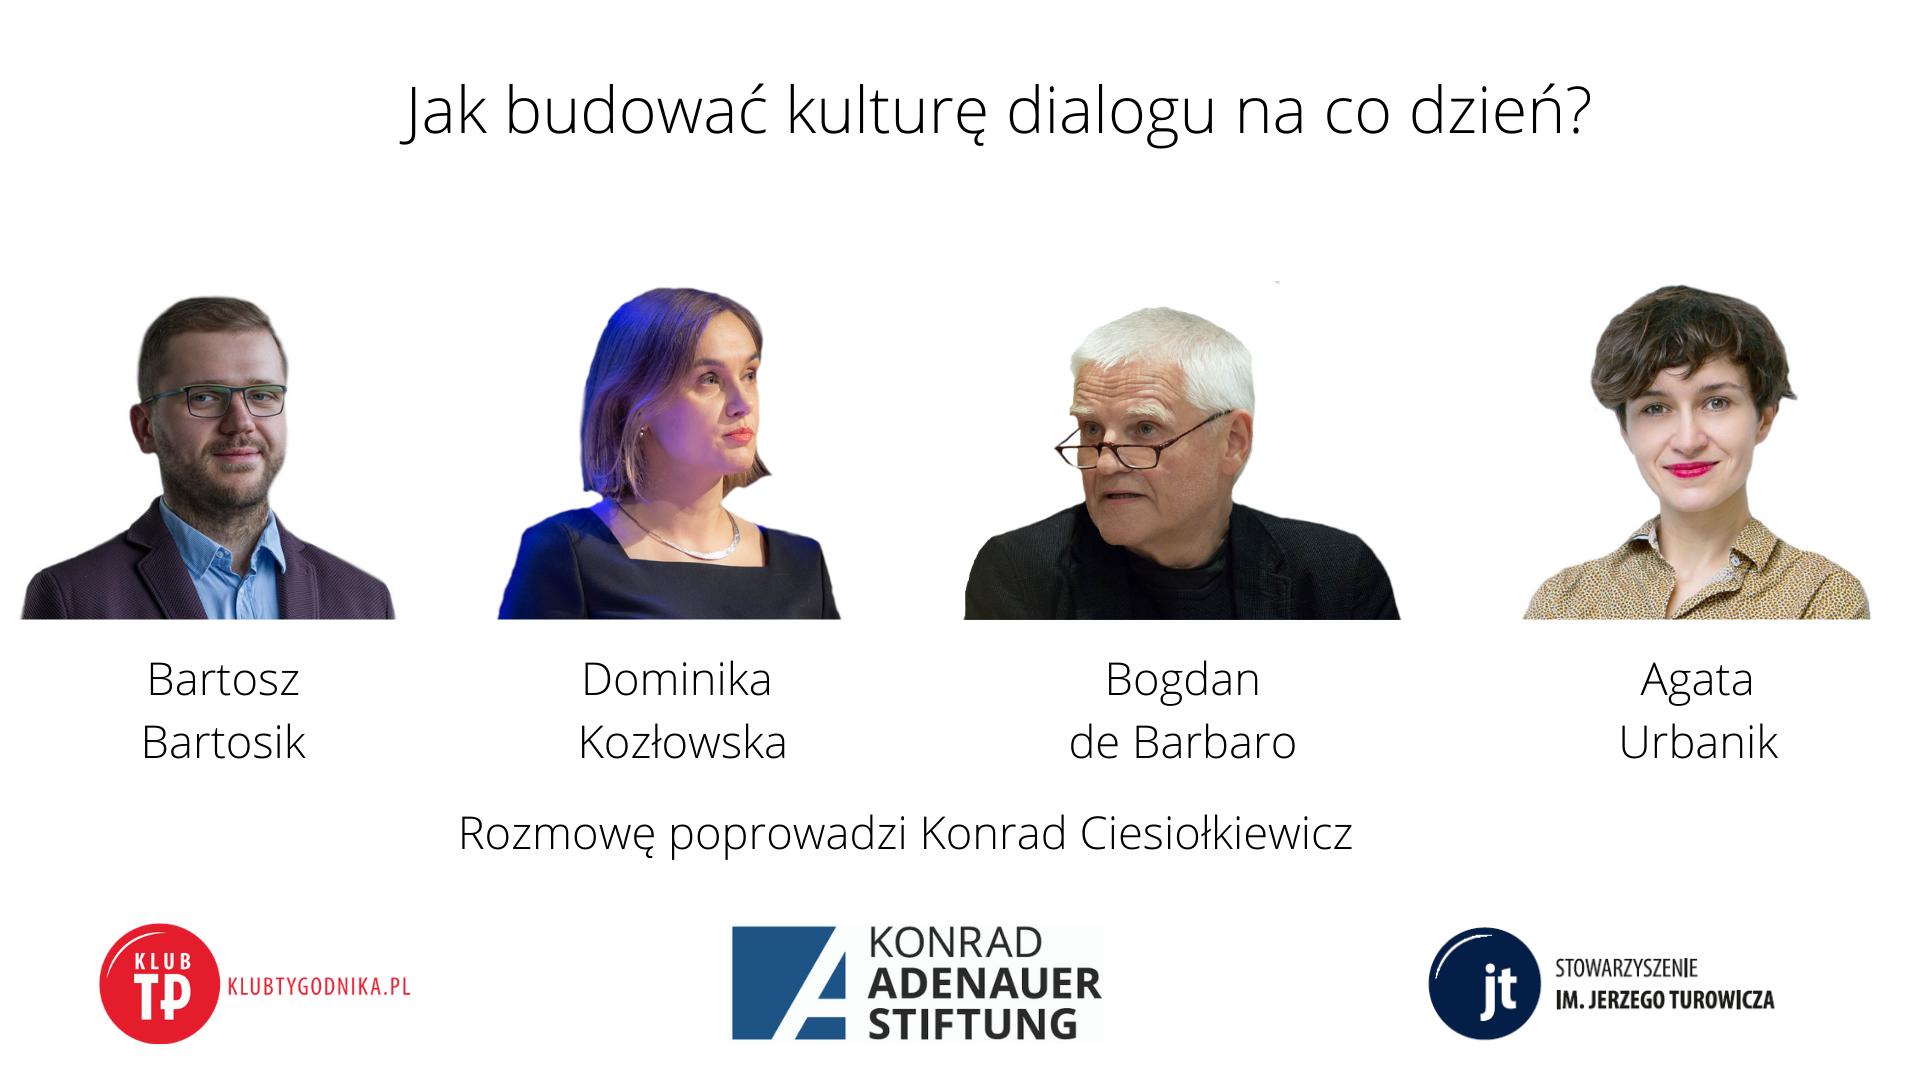 Jak budować kulturę dialogu na co dzień?